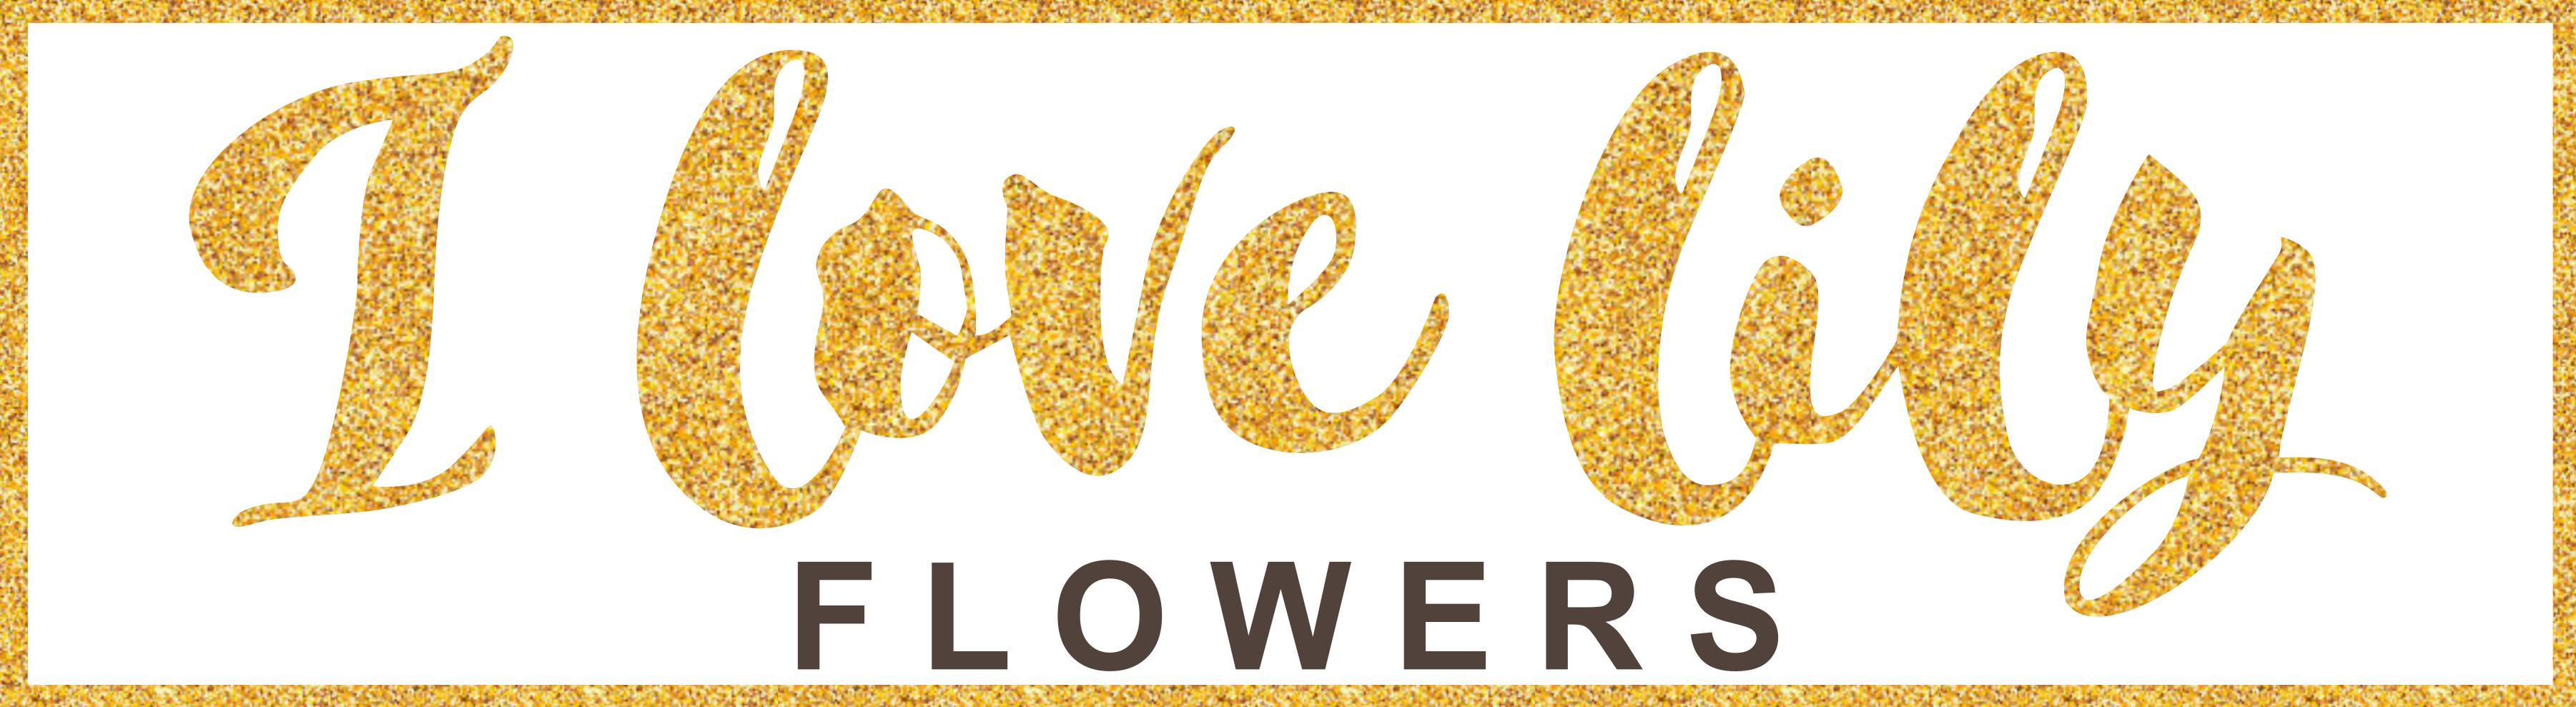 https://cdn.floristblooms.com/sites/27/logo/2b6270ab-bfc1-4b7b-89bc-04948b28fb9b.png